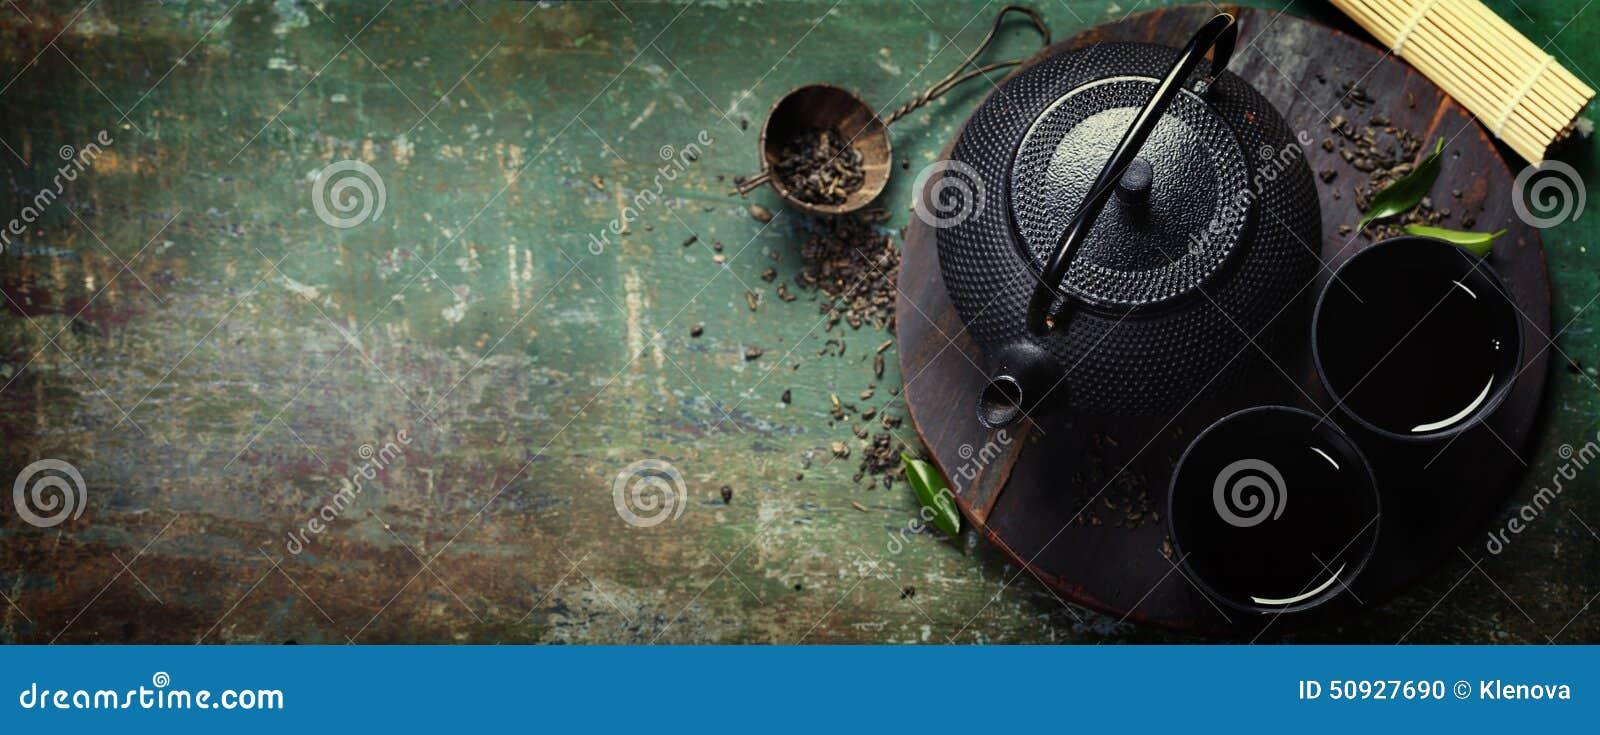 Μαύρο σύνολο τσαγιού σιδήρου ασιατικό